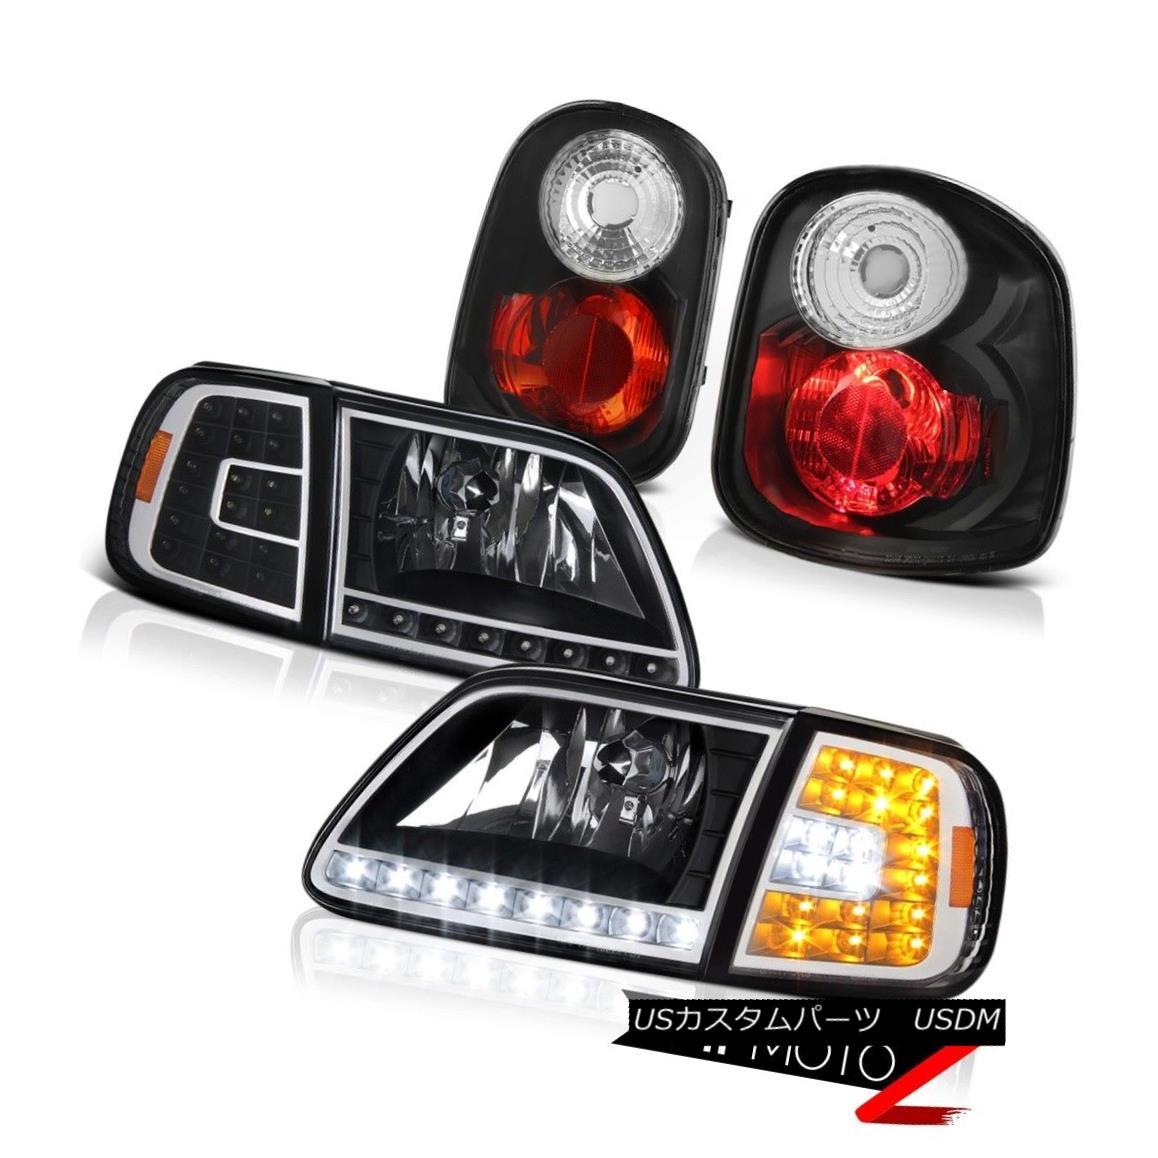 テールライト DRL Corner+Headlamps Black Tail Lamps LH+RH 2001-2003 Ford F150 Flareside 5.4L DRLコーナー+ヘッドラム psブラックテールランプLH + RH 2001-2003フォードF150フラレイド5.4L